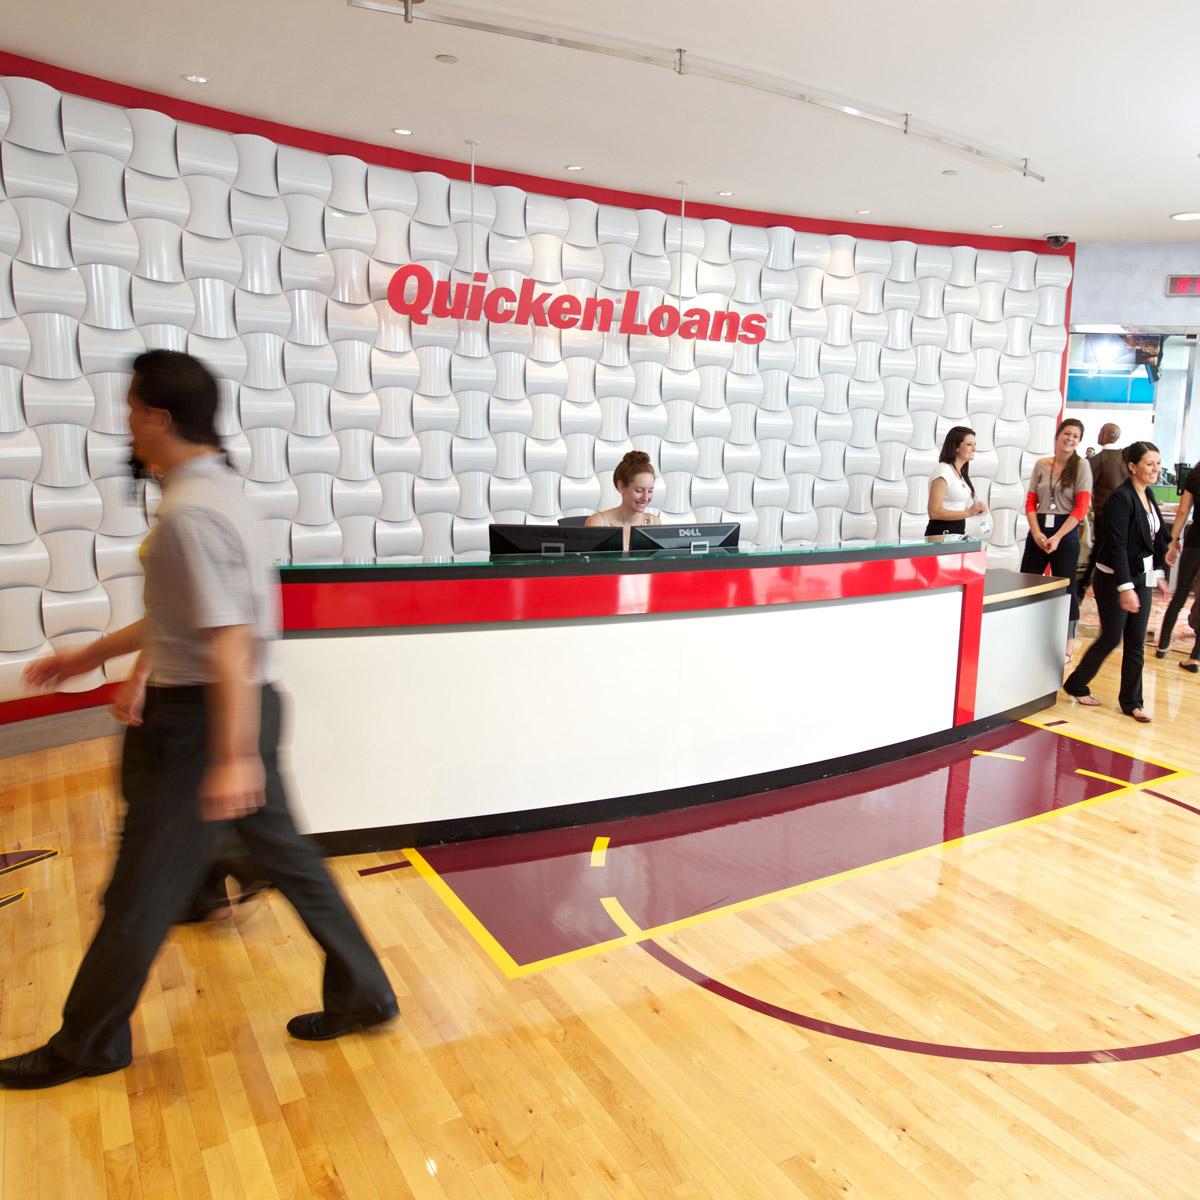 What Quicken Loans Fresh Start Program